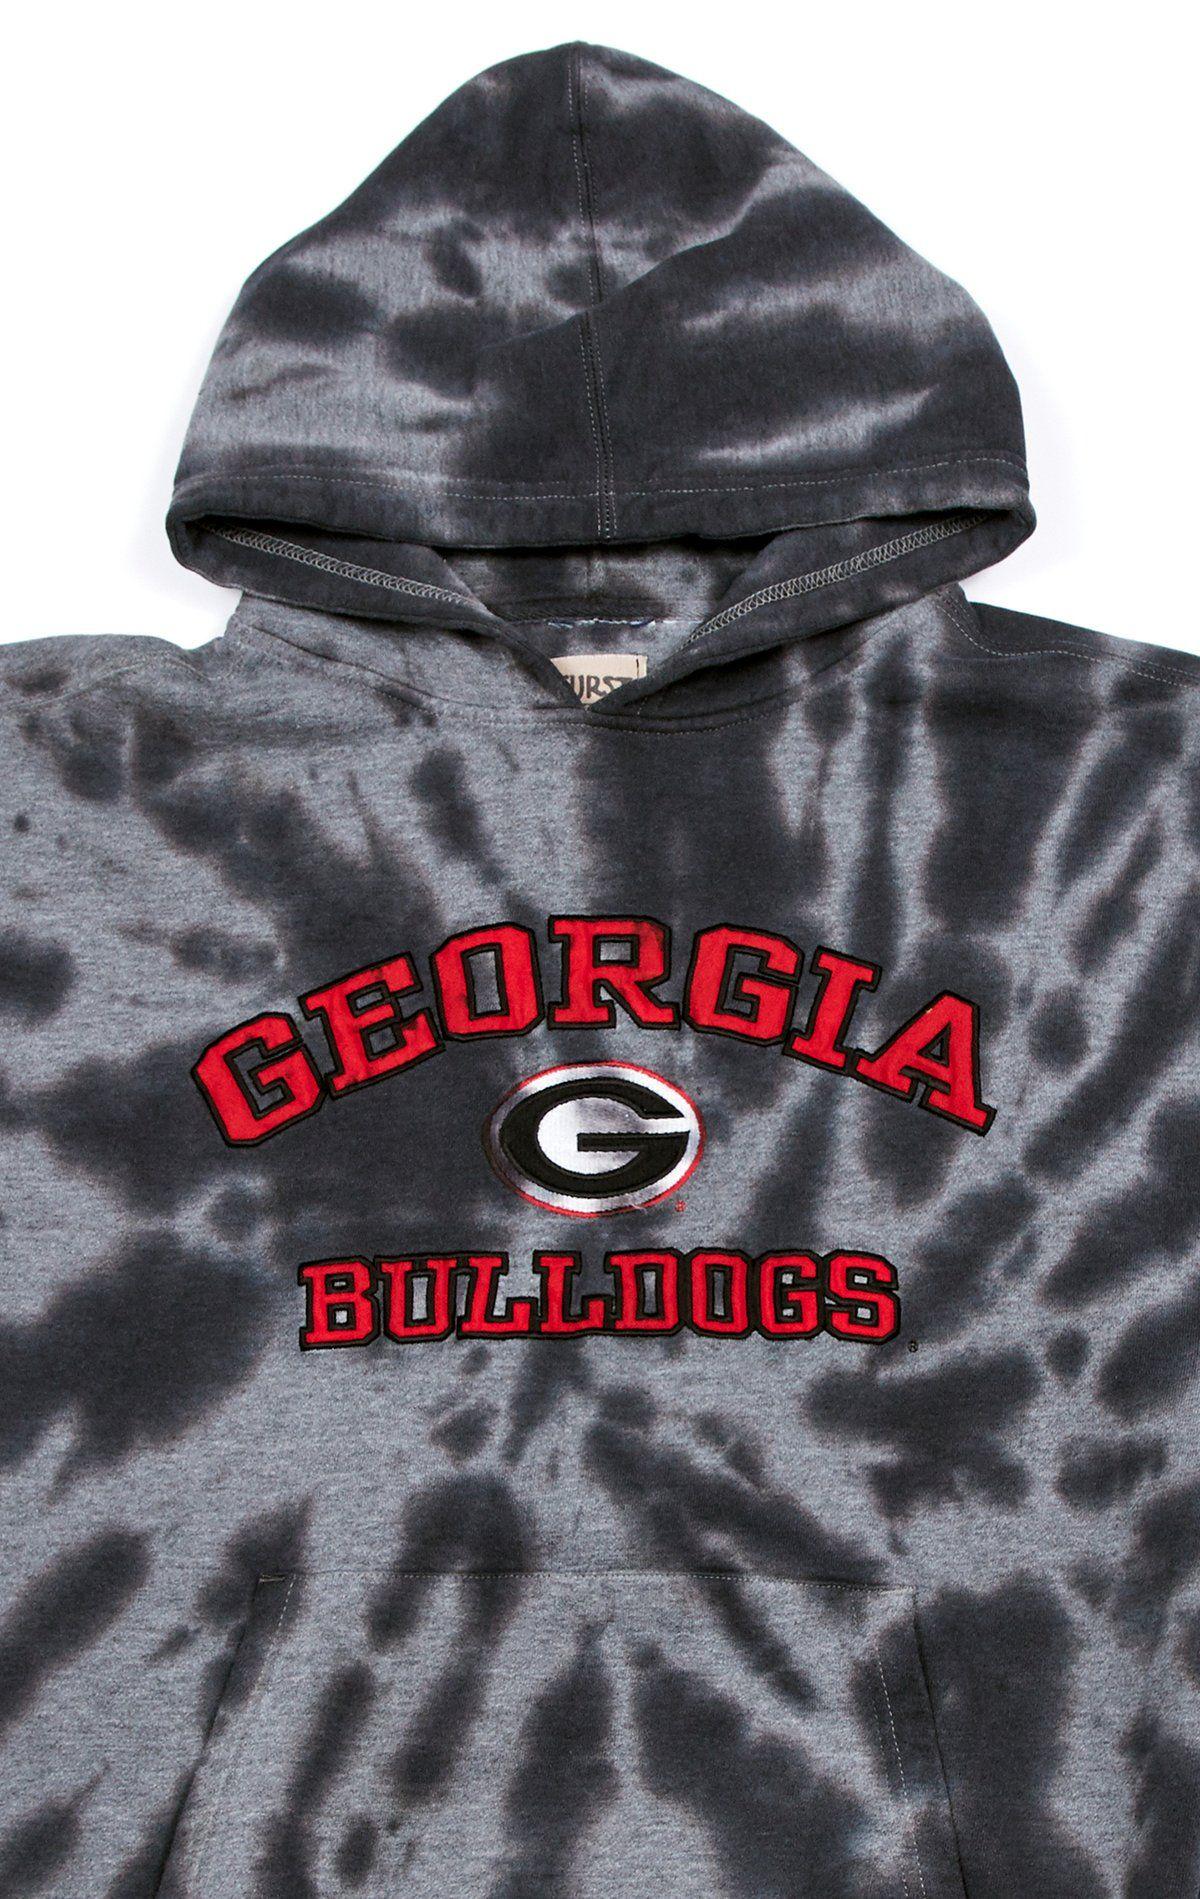 Vintage Tie Dye College Hoodie Lf Stores College Hoodies Vintage College Sweatshirts Hoodies [ 1899 x 1200 Pixel ]